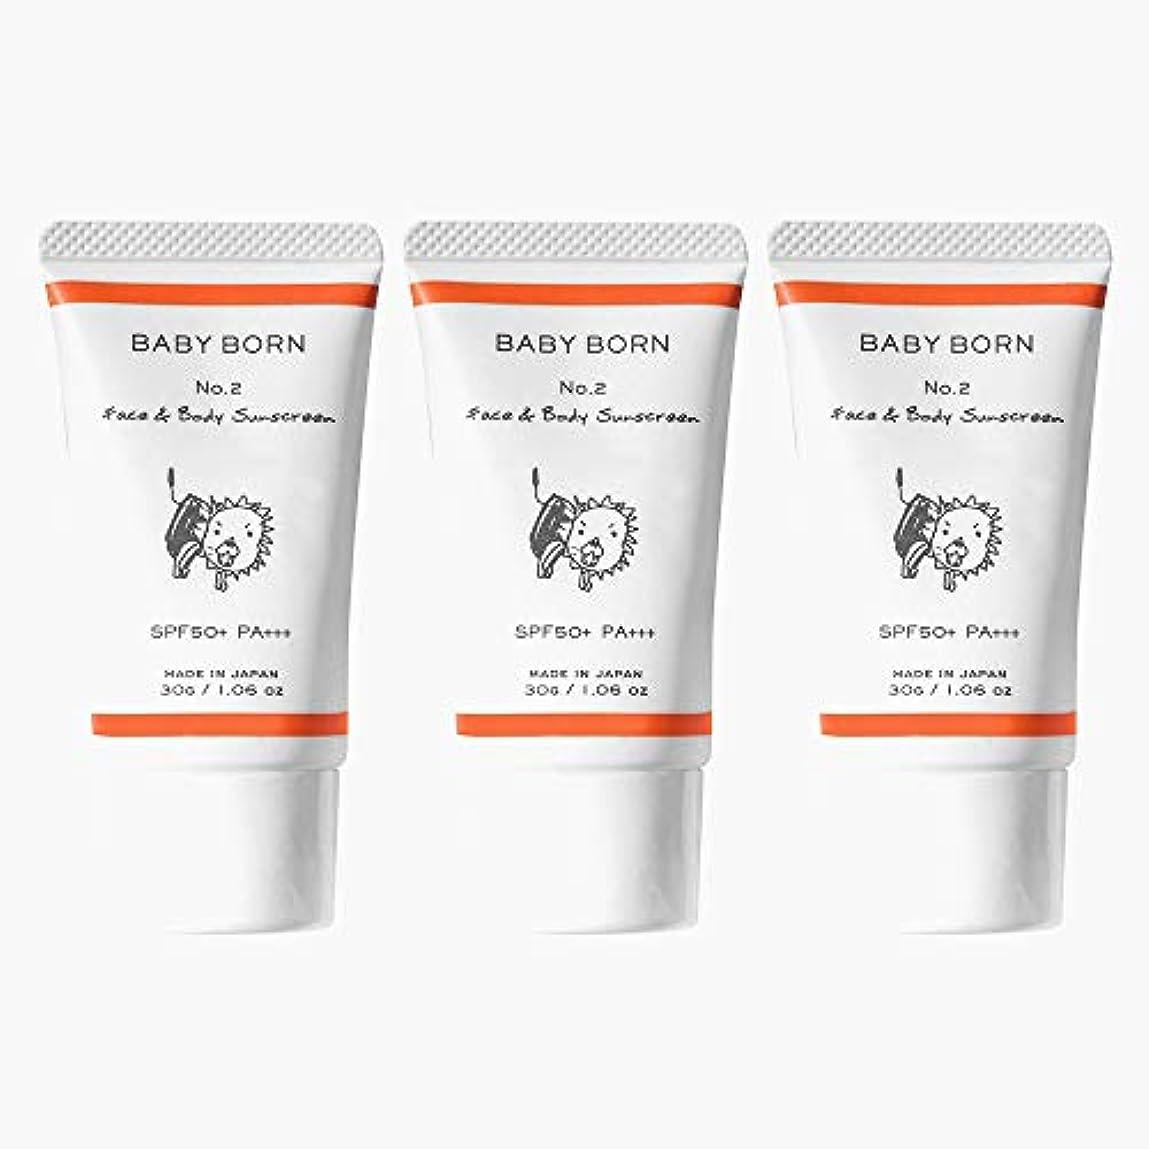 新しさ適合バイオリニスト日焼け止め 赤ちゃんや子どもにも使えるBABY BORN(ベビーボーン) Face&Body Sunscreen 3個セット 日焼け止め UV ケア 東原亜希 高橋ミカ 共同開発 SPF50+/PA++++